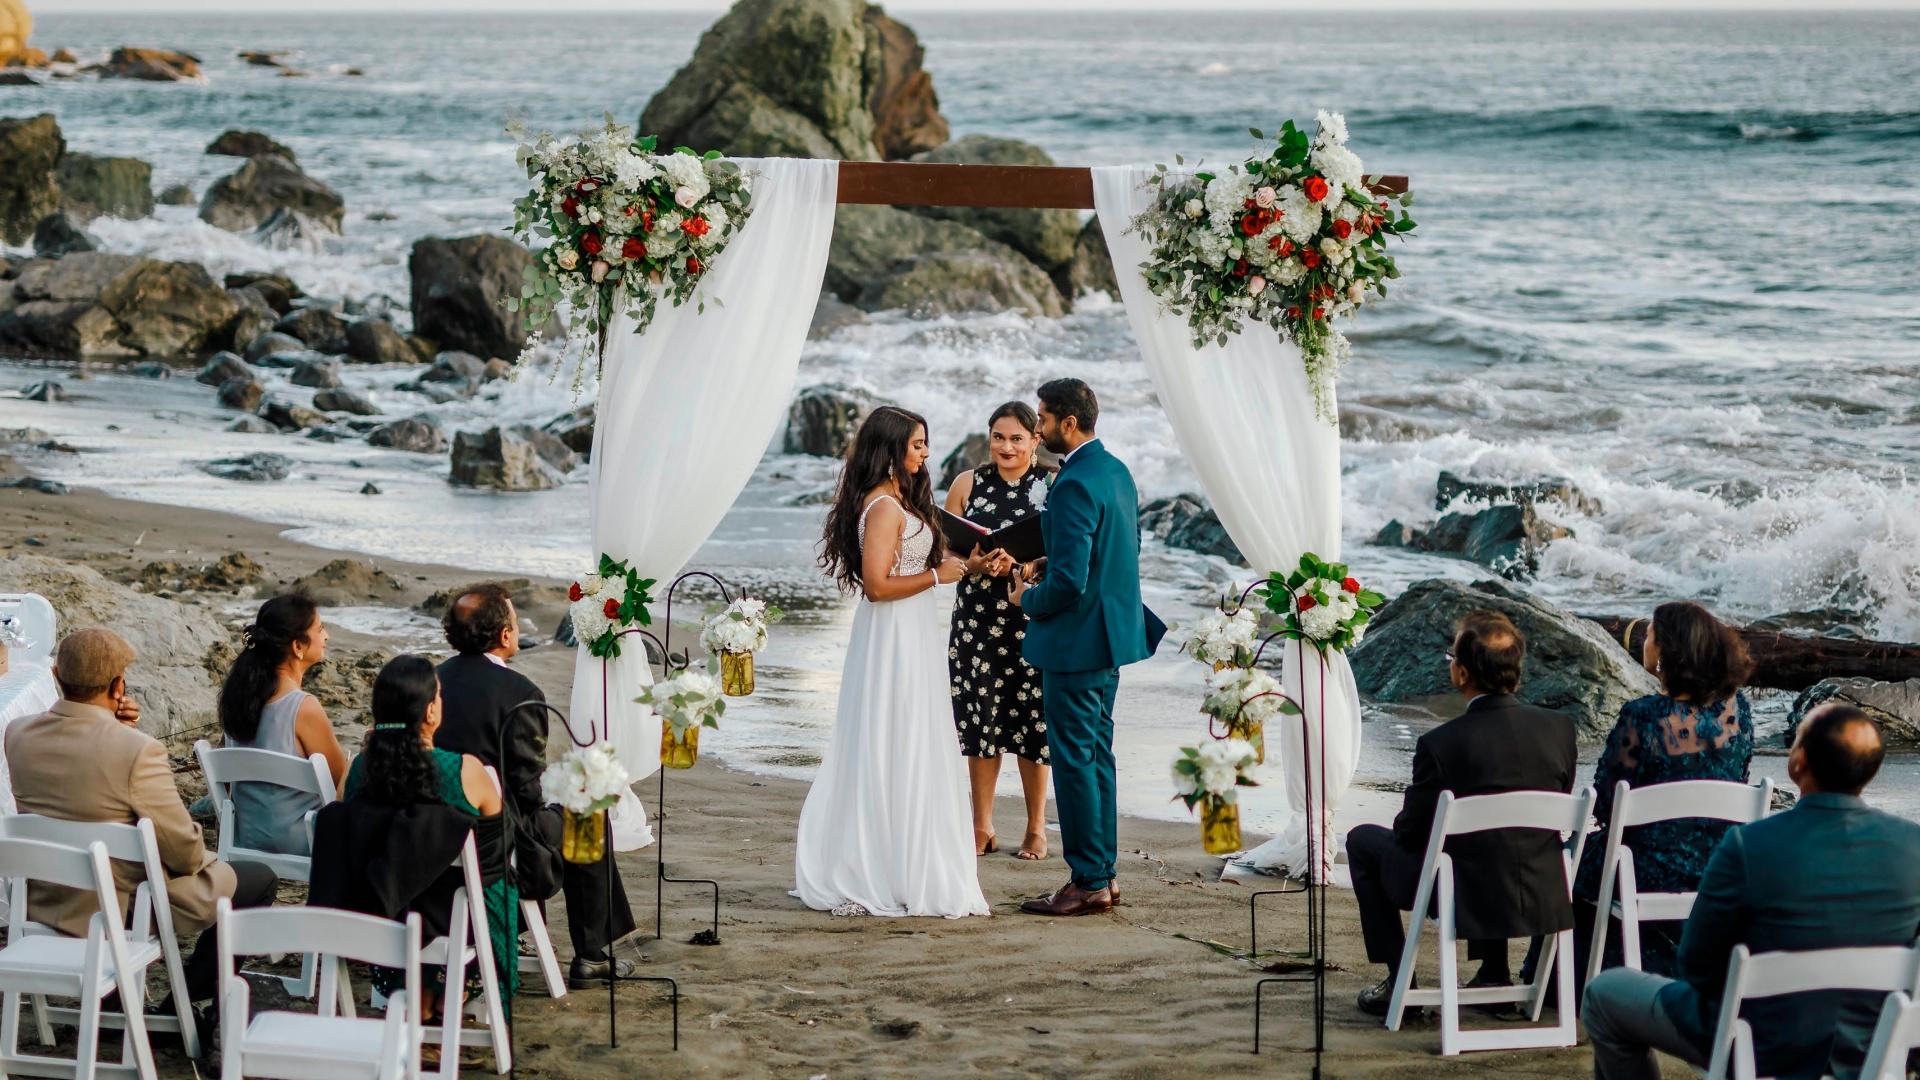 Ngày càng có nhiều cô dâu quan tâm đến khái niệm thời trang bền vững nhằm bảo vệ môi trường - Ảnh: AP